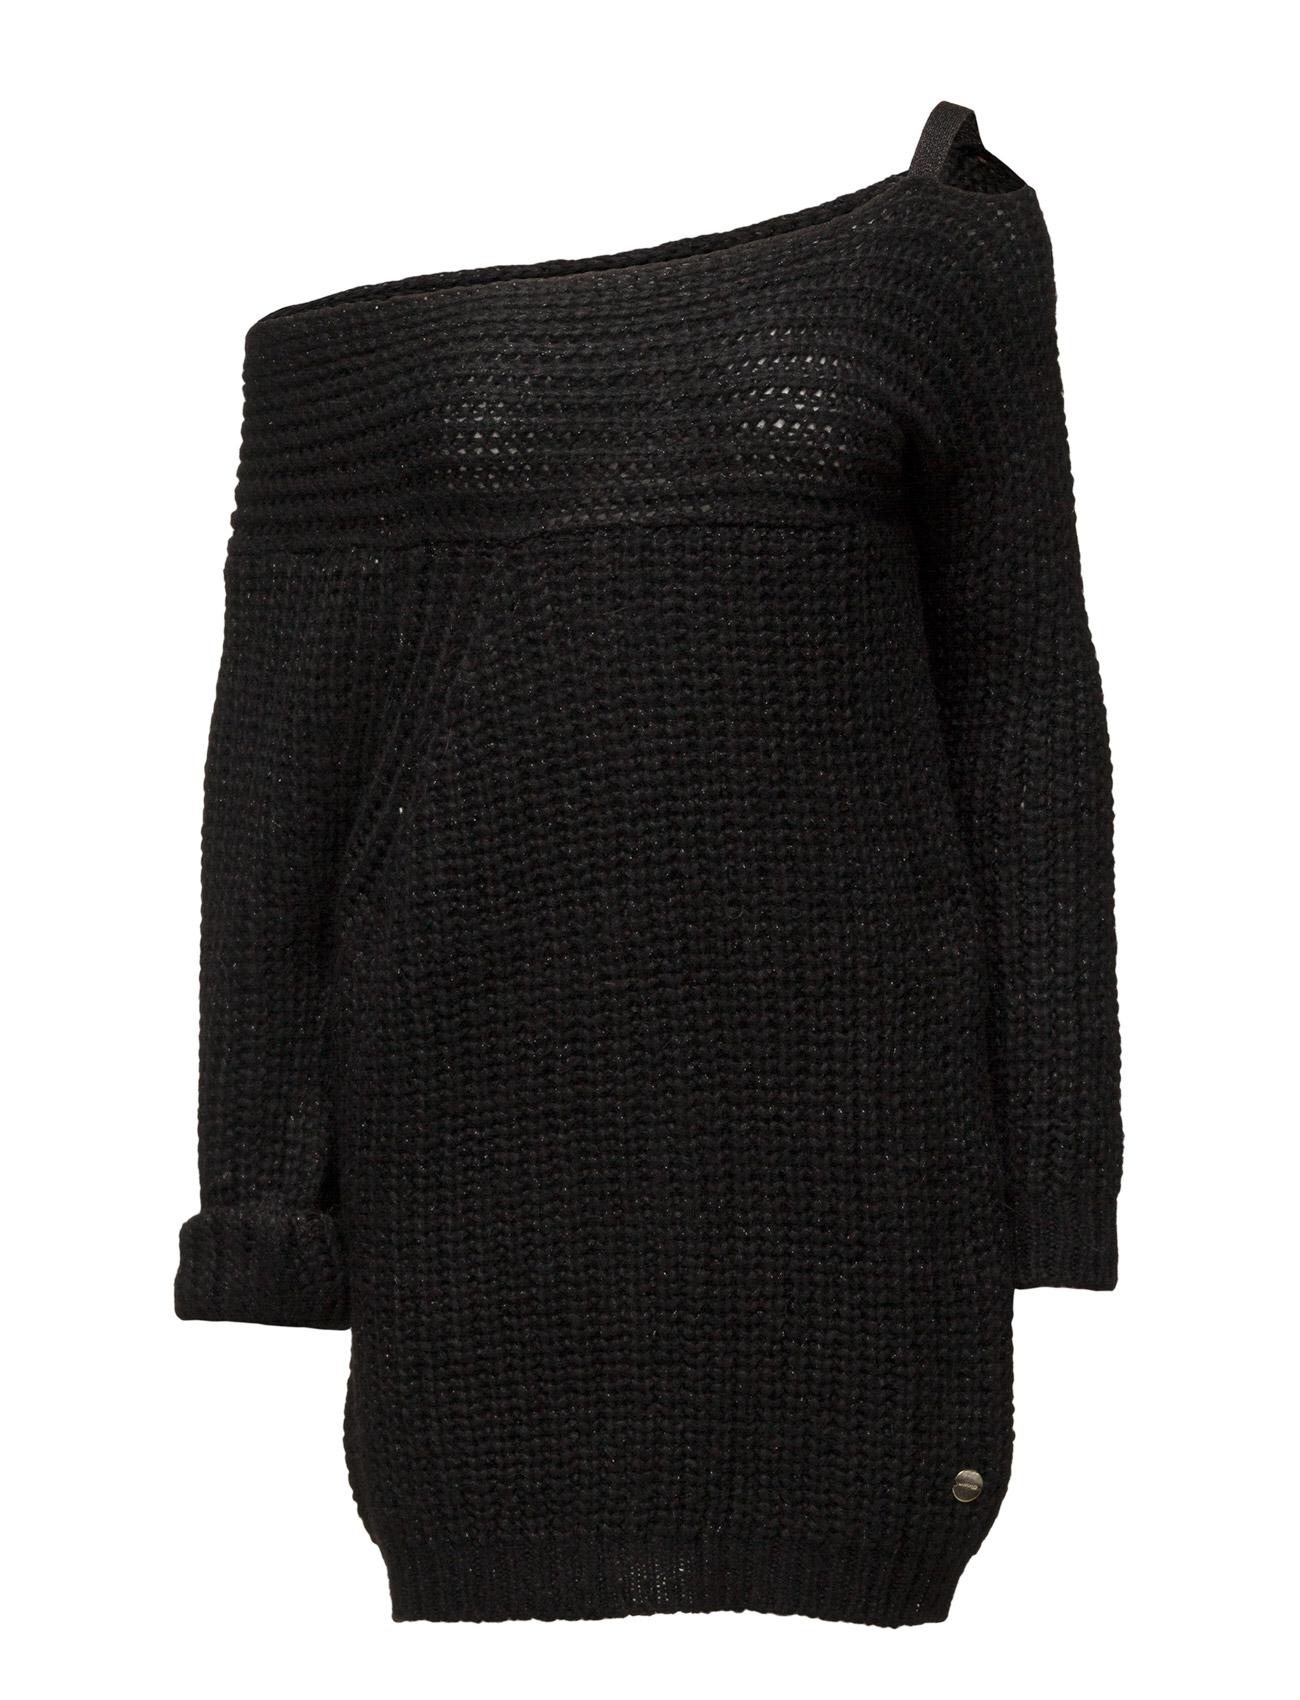 Sweater Boat Neck Ls Marciano by GUESS Sweatshirts til Kvinder i Noir